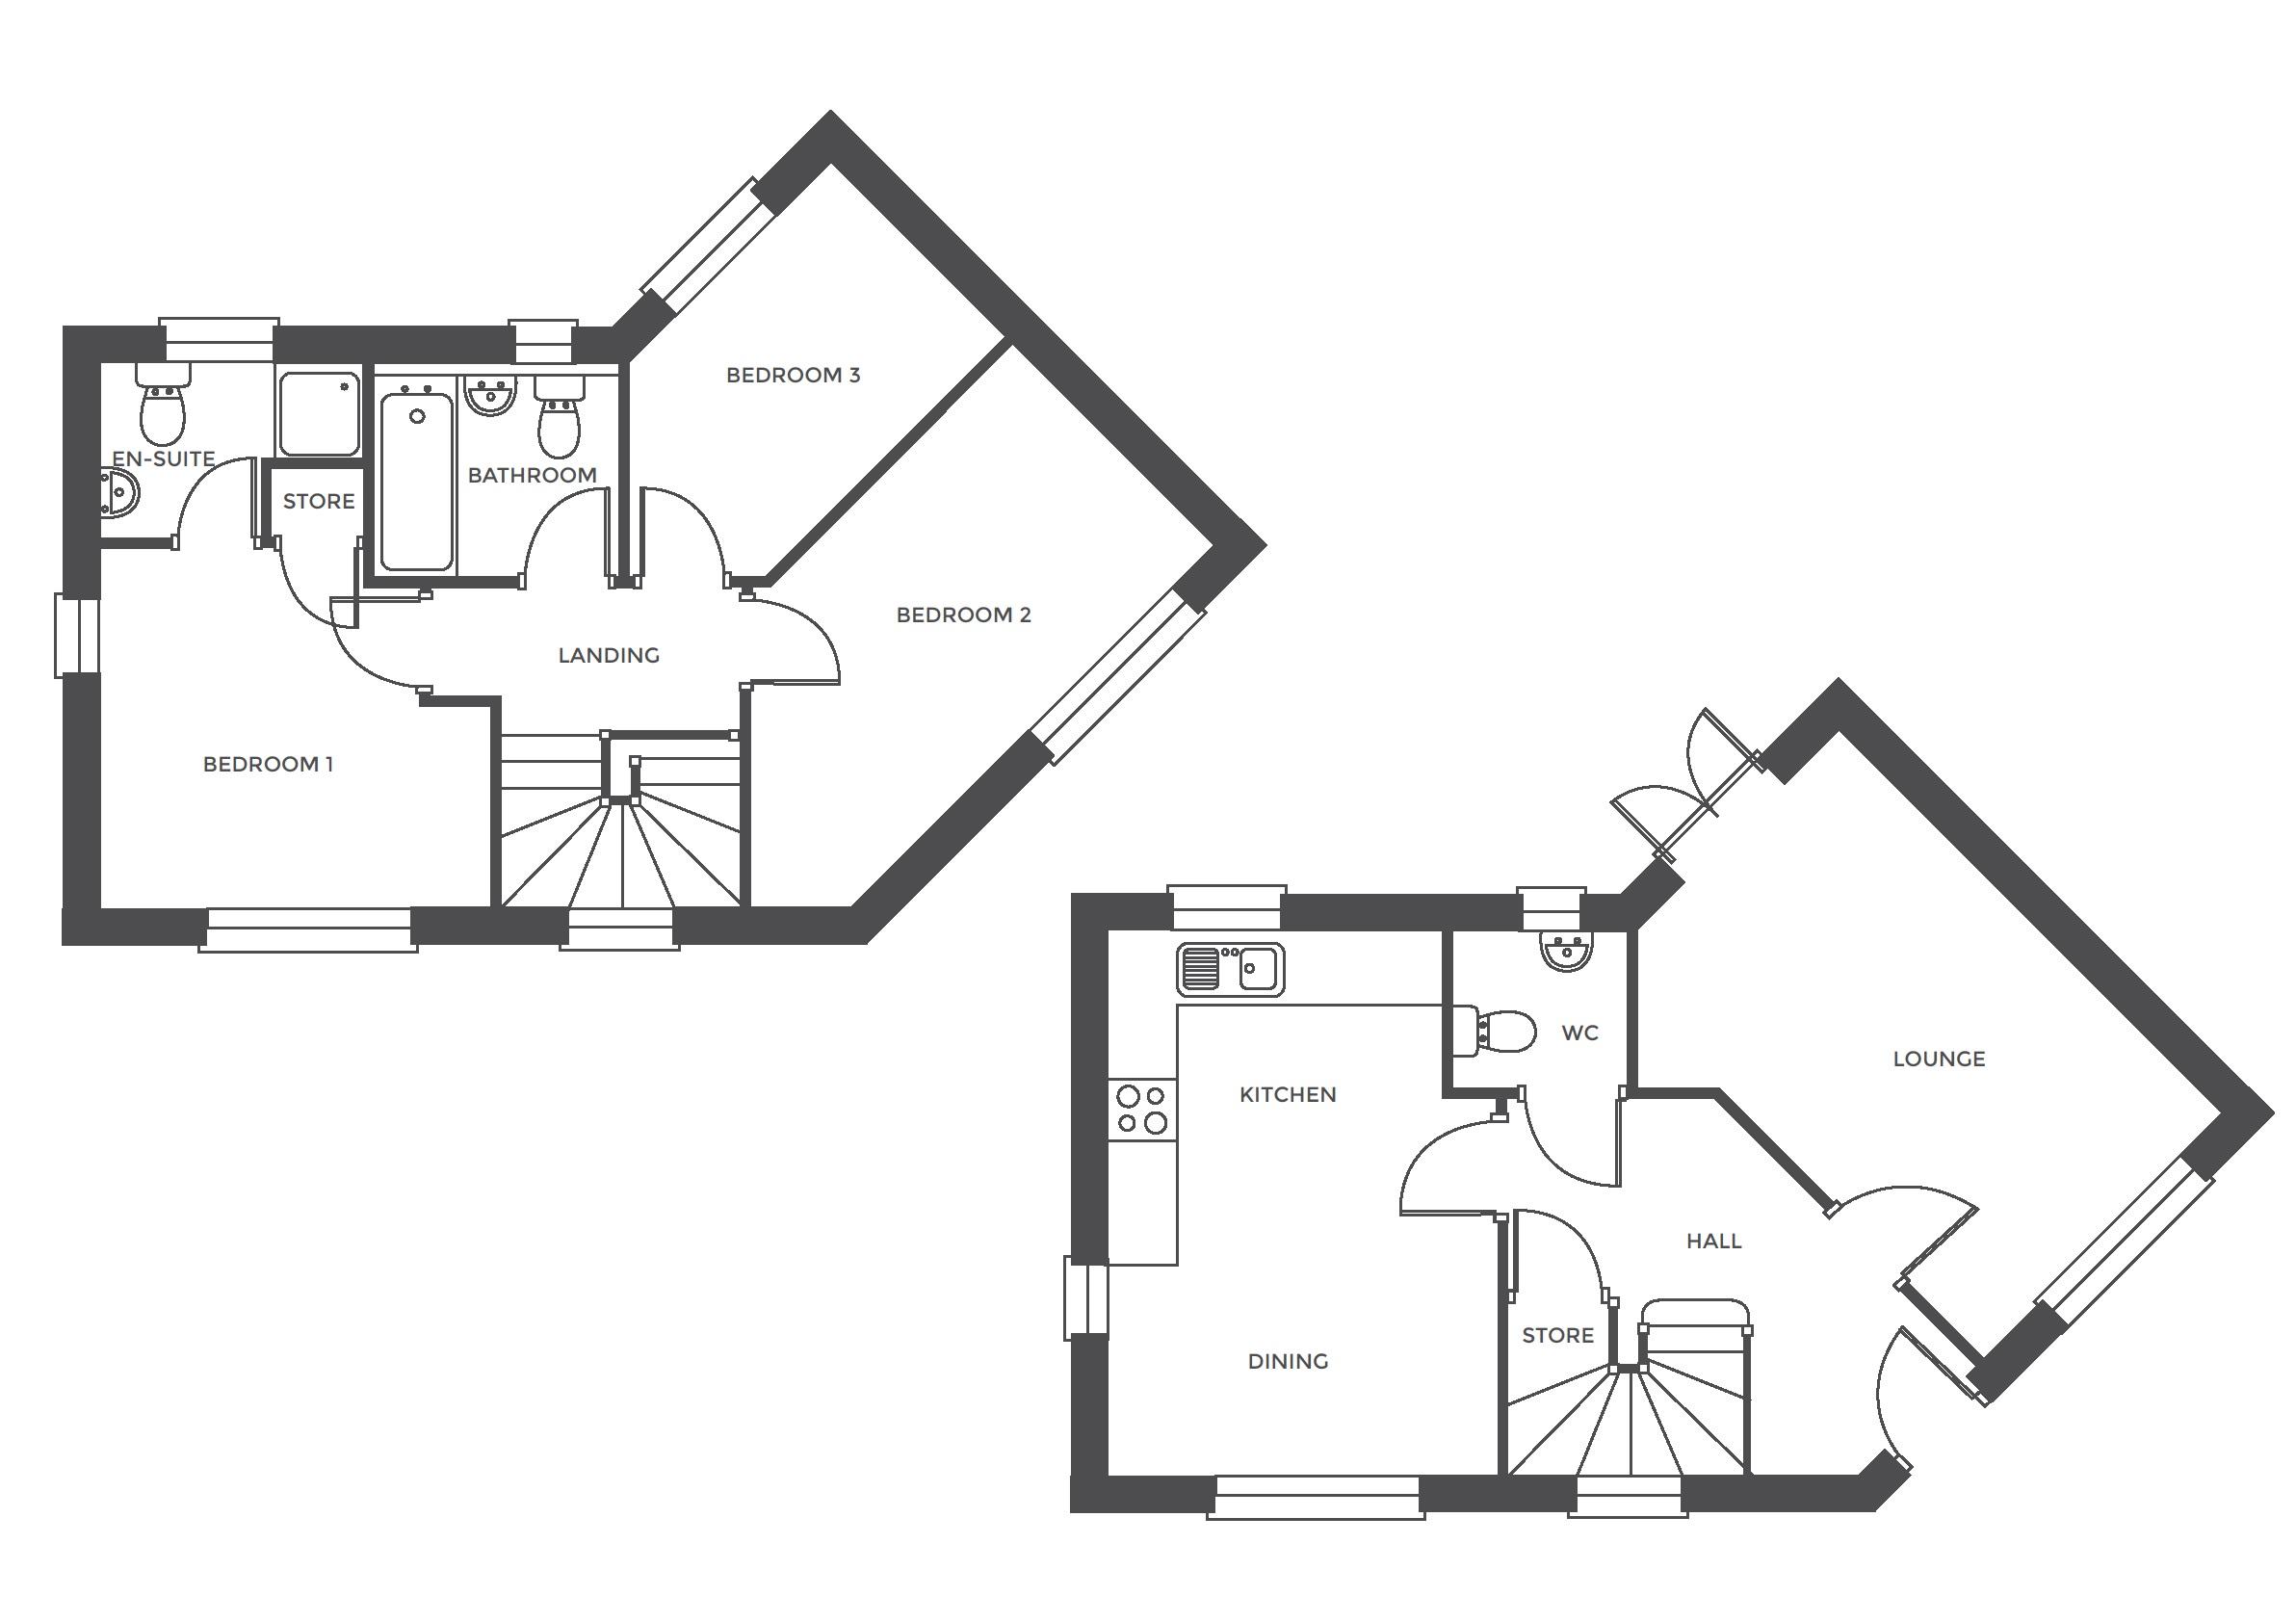 Repington Walk, Plot 5 floor plan